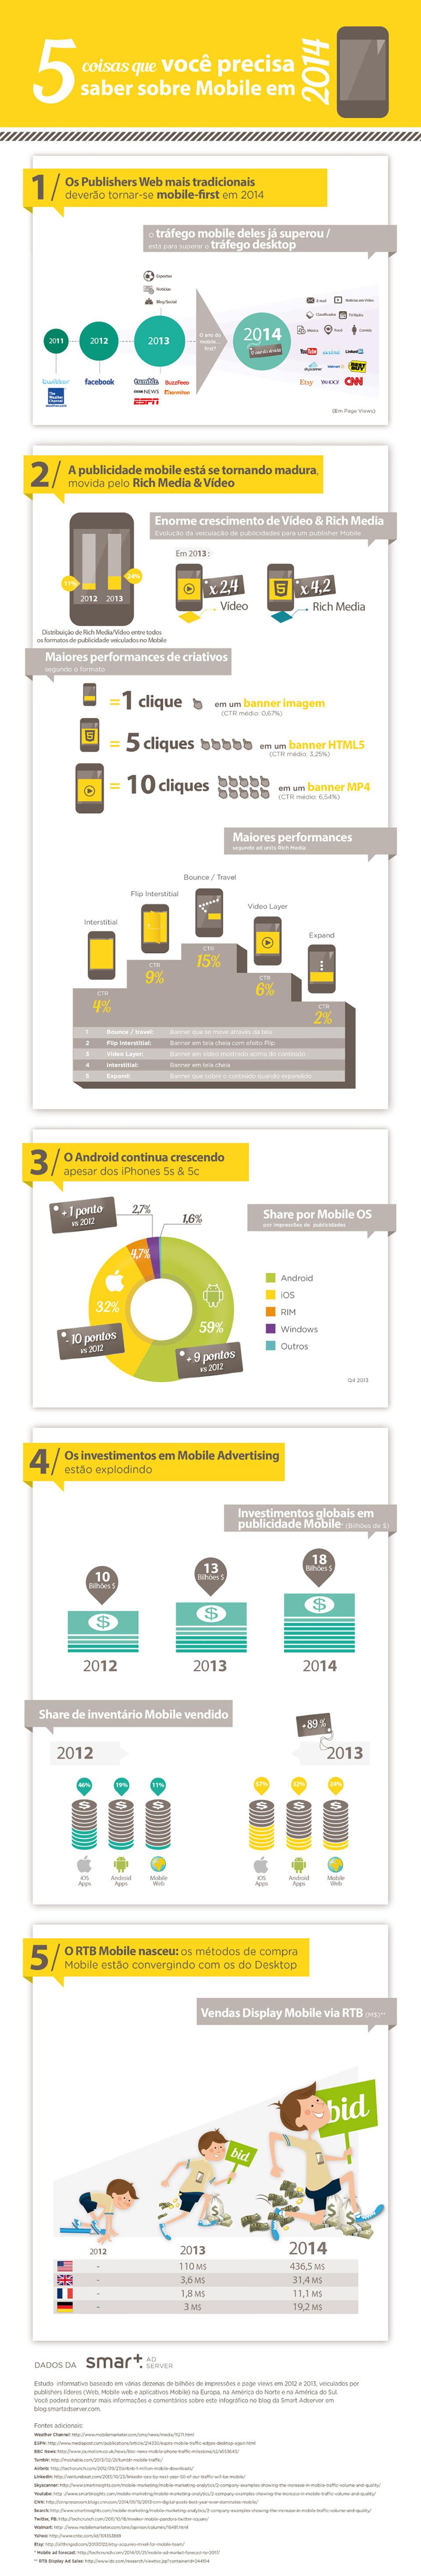 5 coisas que você precisa saber sobre o mobile em 2014